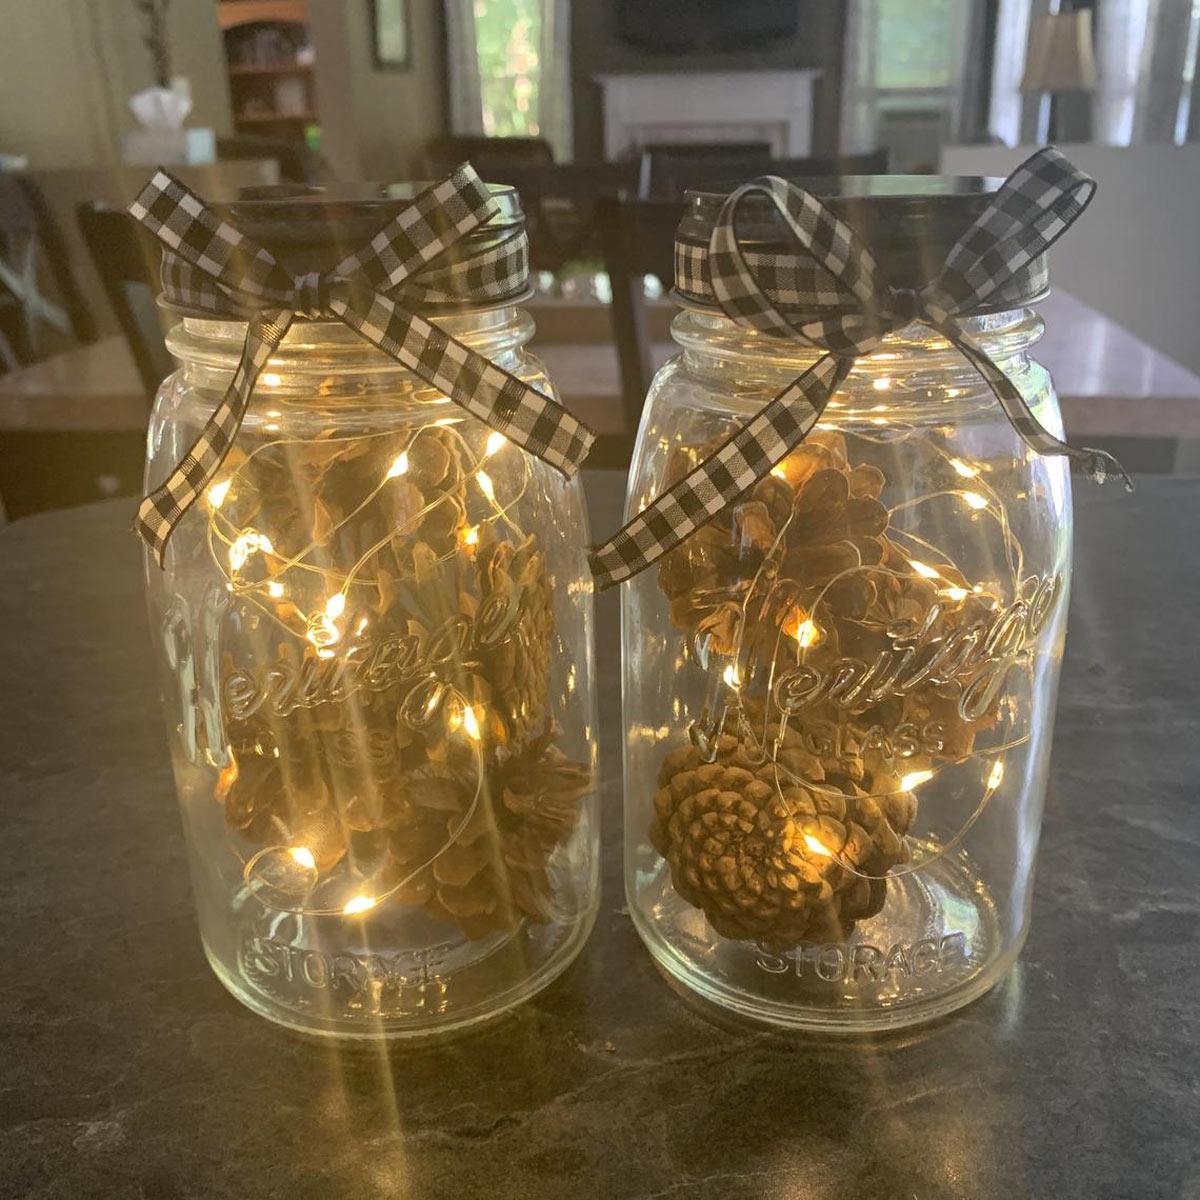 Lanterne fait maison avec bocaux en verre, pomme de pin e guirlande lumineuse.